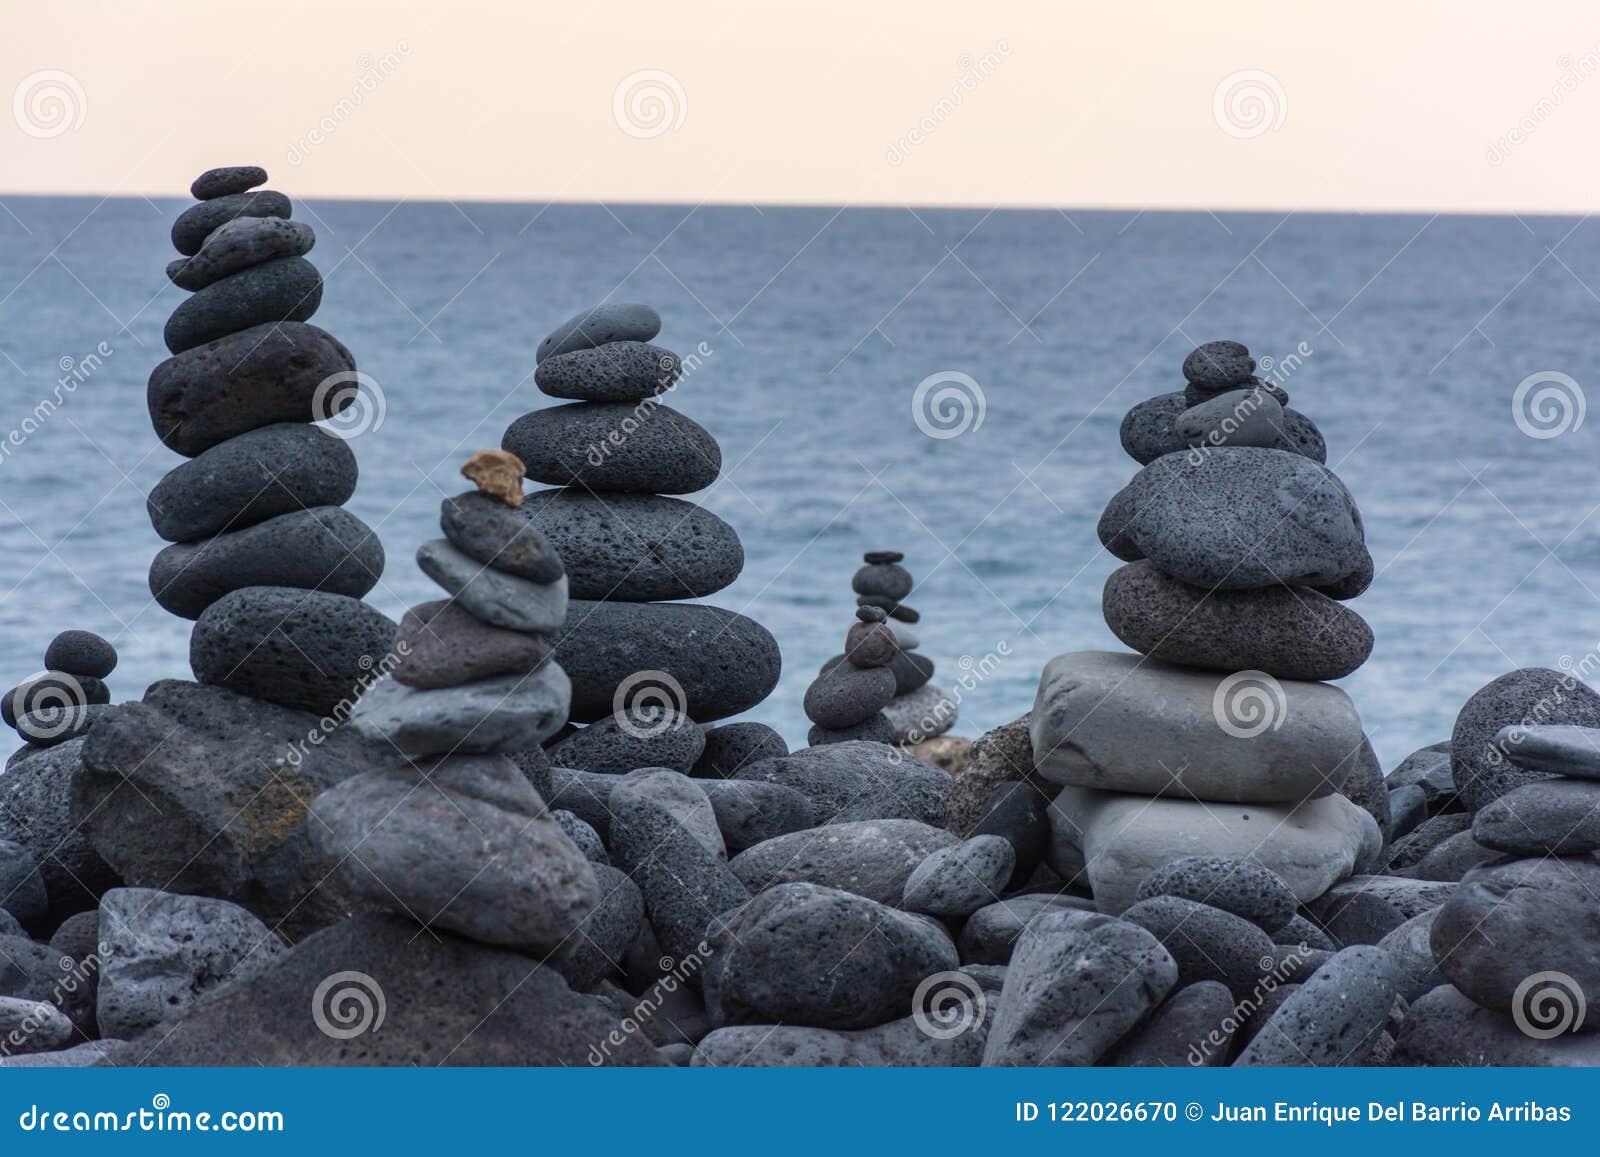 Roches volcaniques placées dans le mode de pyramide, pour le plaisir et la relaxation Cet endroit unique est situé dans le port d